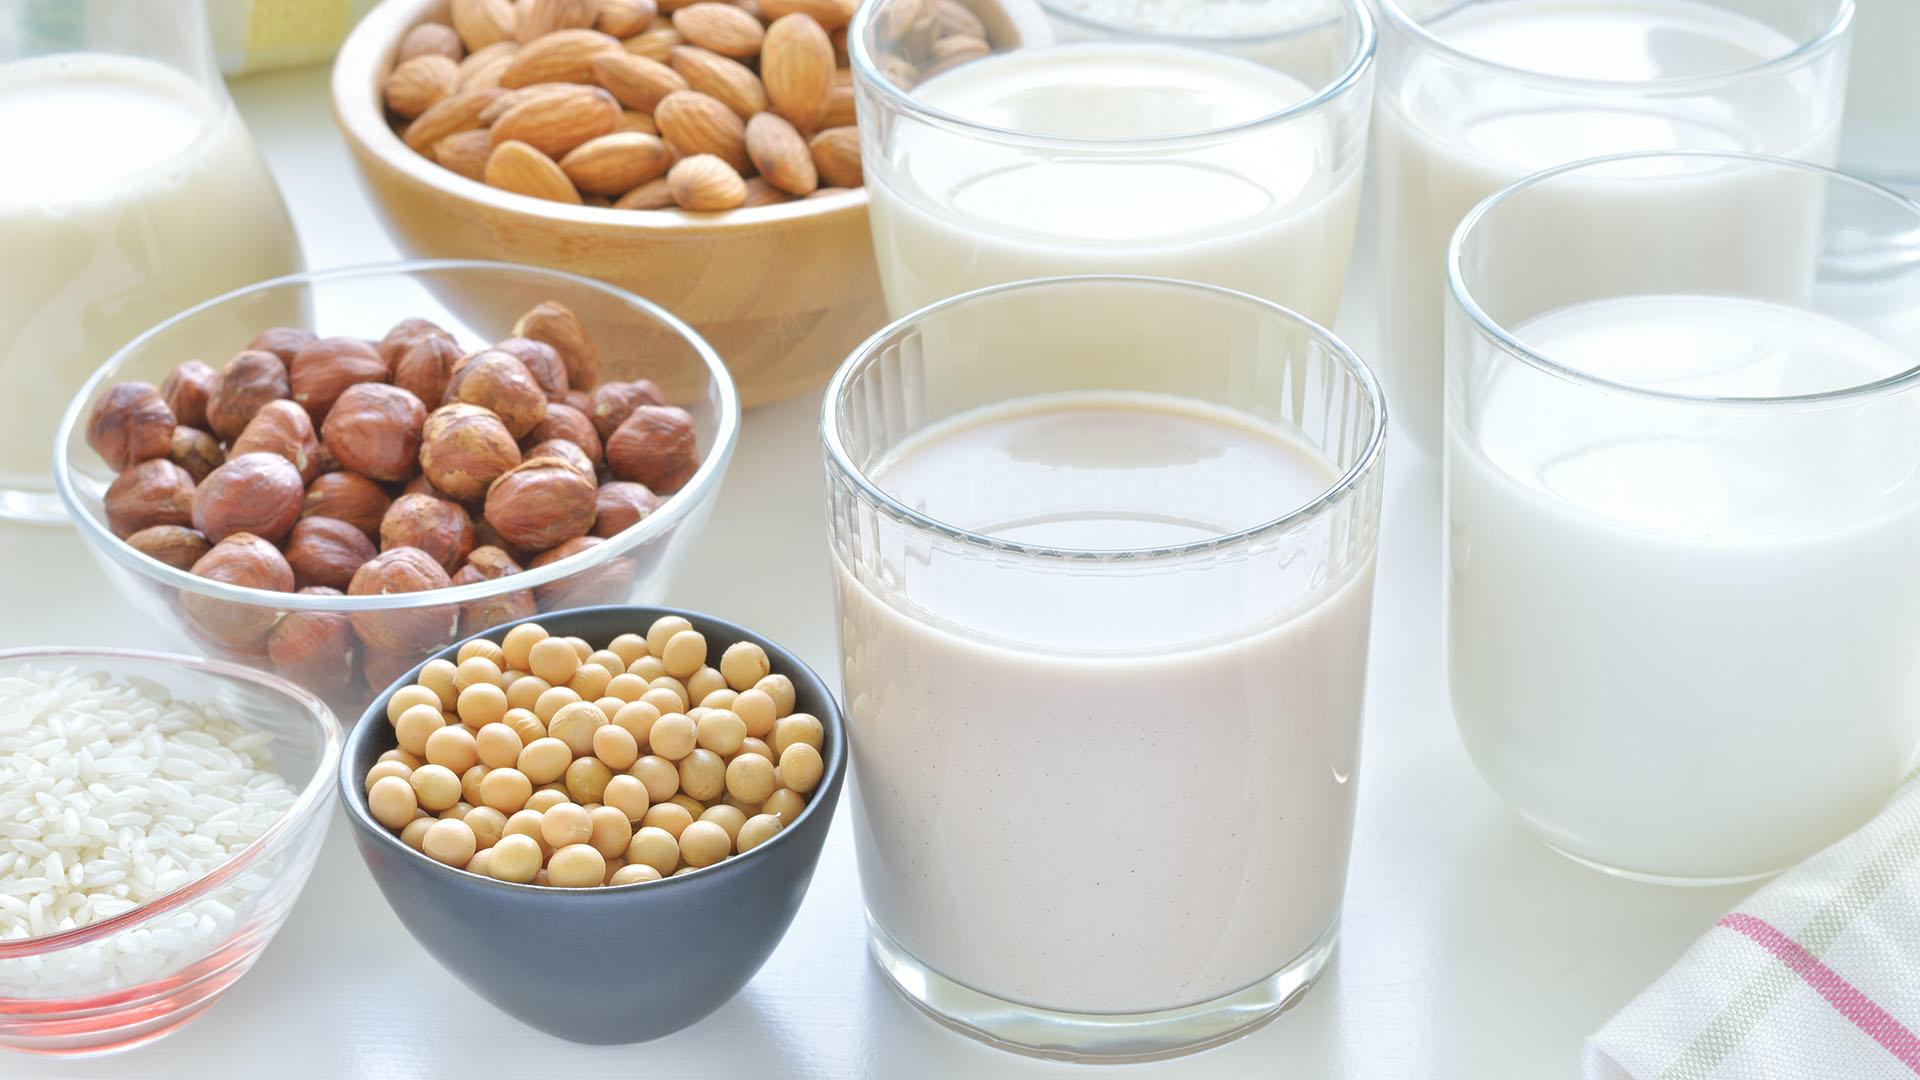 Чем заменить коровье молоко? растительное молоко рецепты | культура здоровья